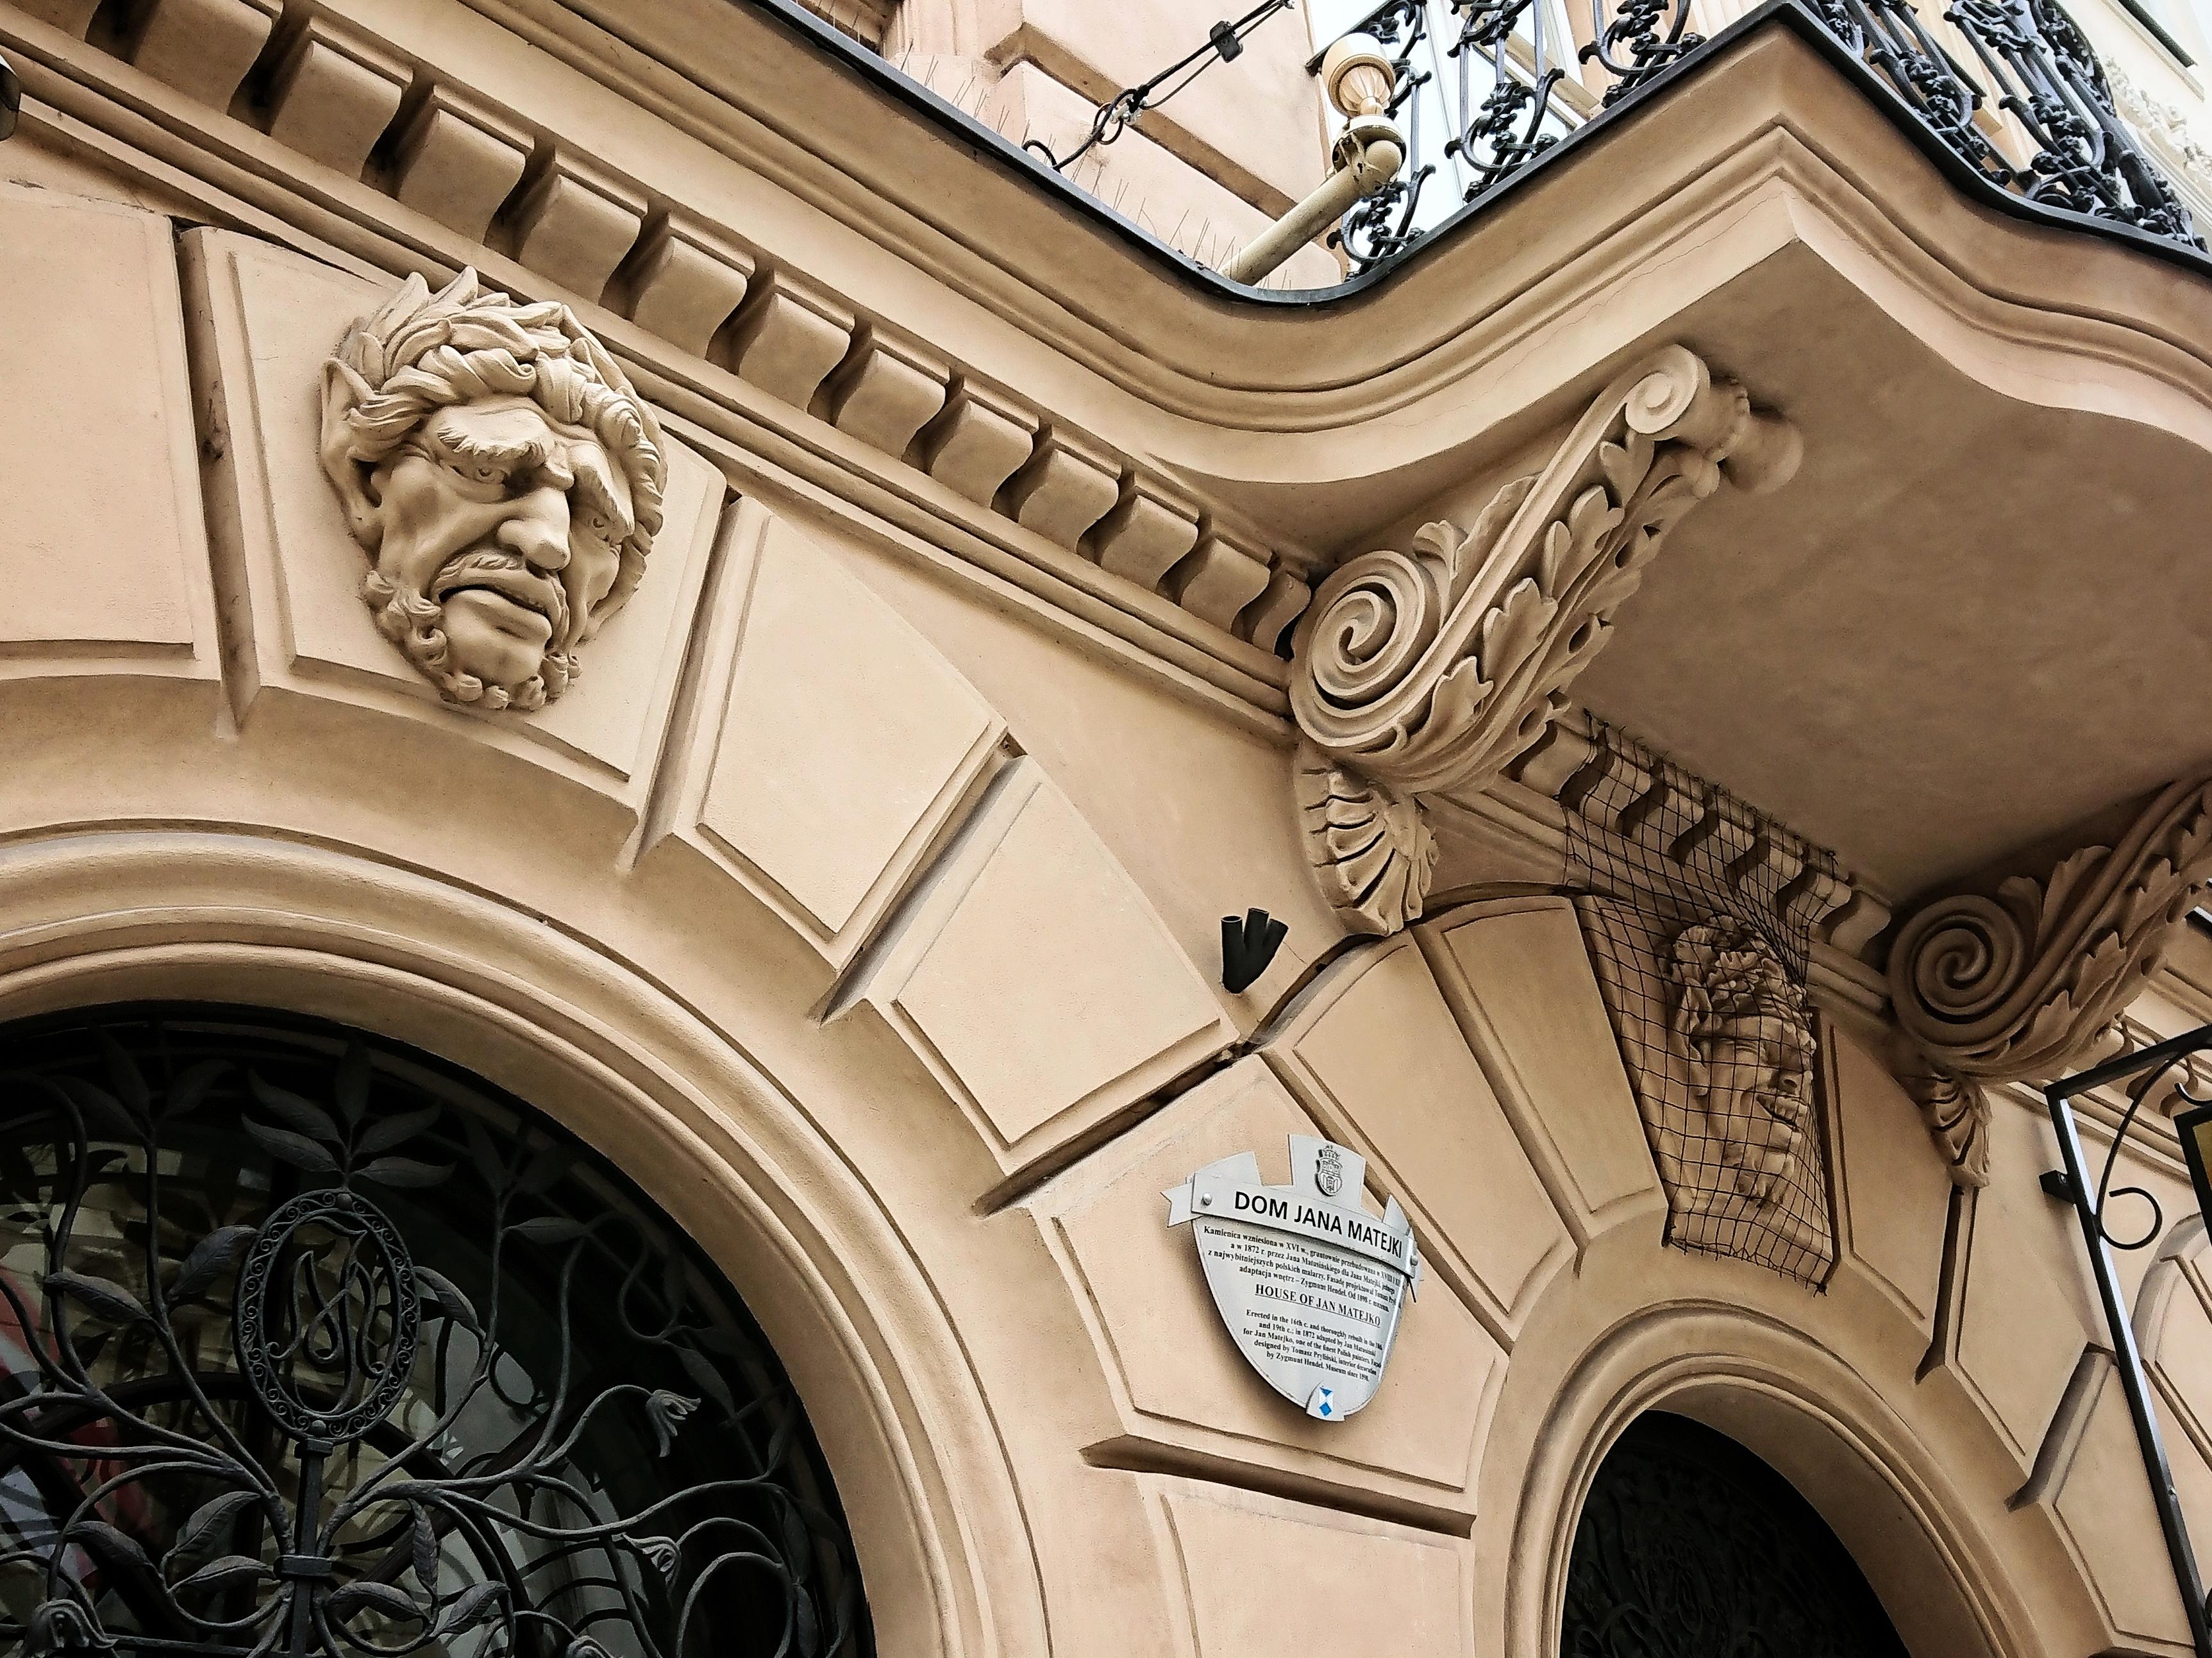 Detal na parterze do Domu Jana Matejki, źródło: archiwum autorki